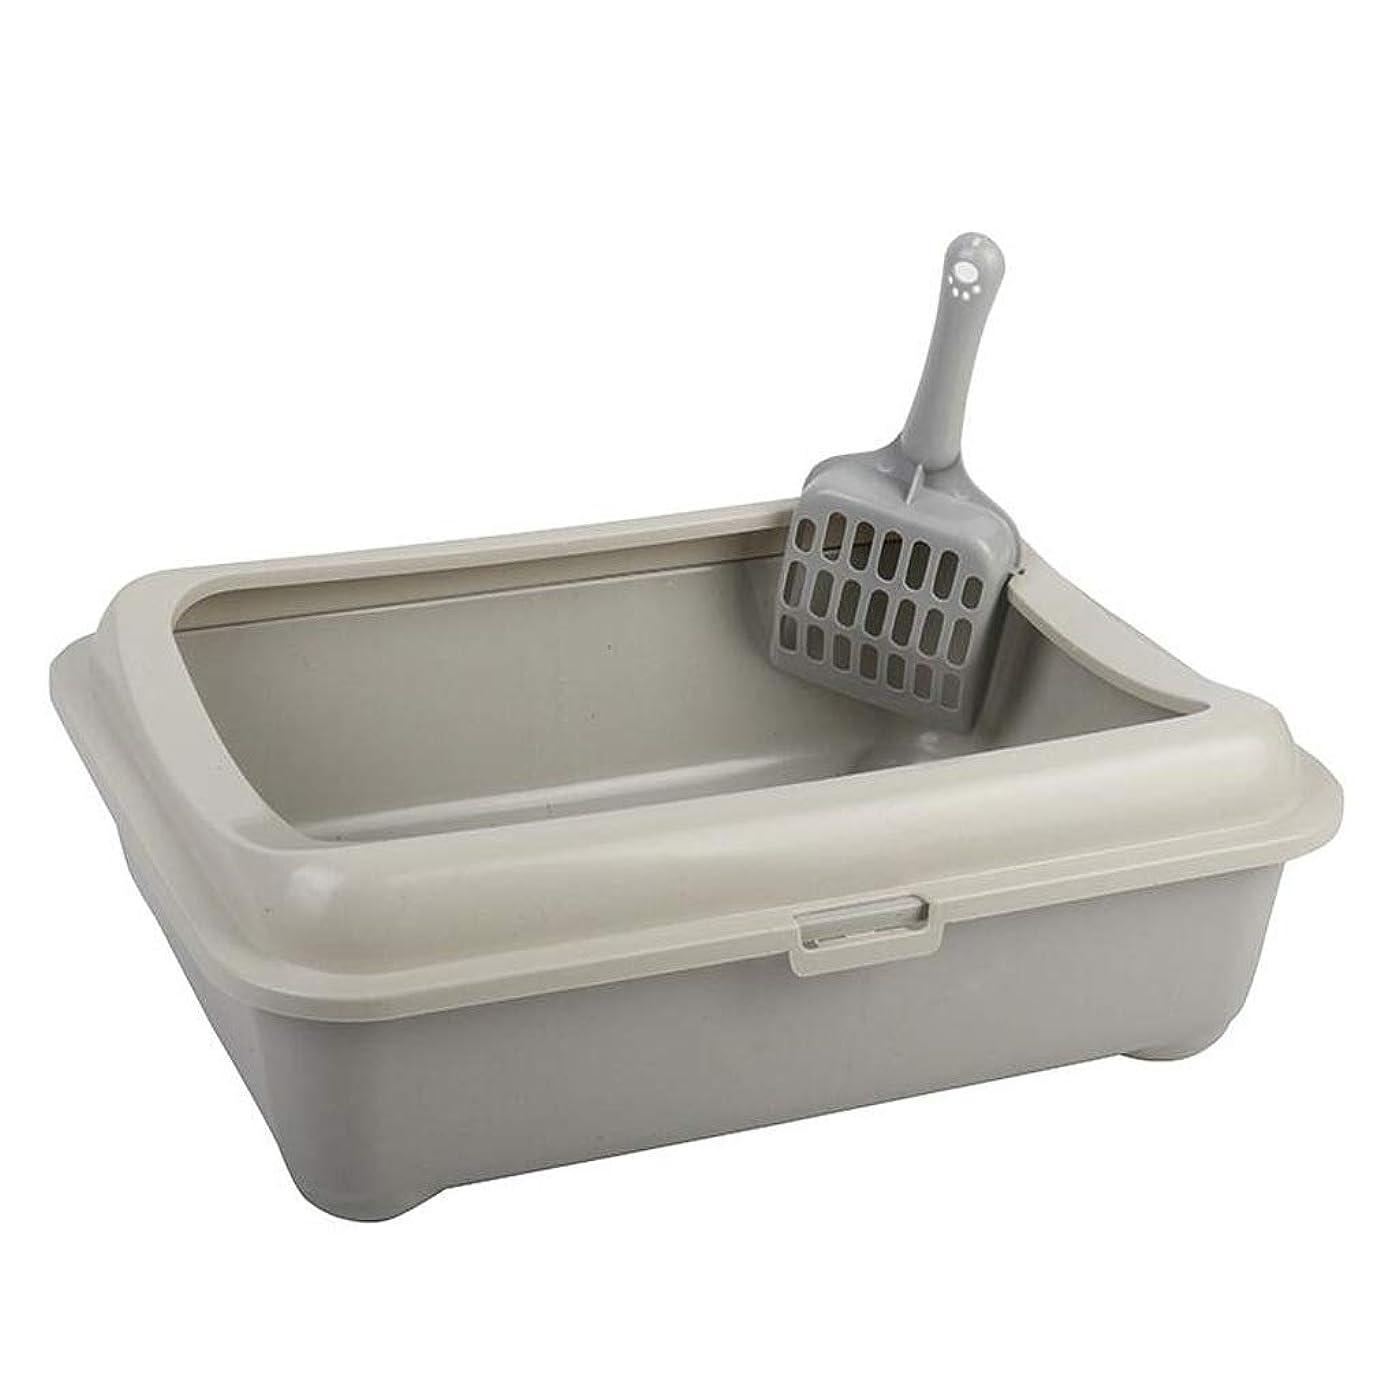 ファンタジー変数起きて屋内および屋外用スクープハイサイドリムパンルーアンチスプラッシュ付きオープンキャットトイレトイレ (Color : Gray, Size : B)